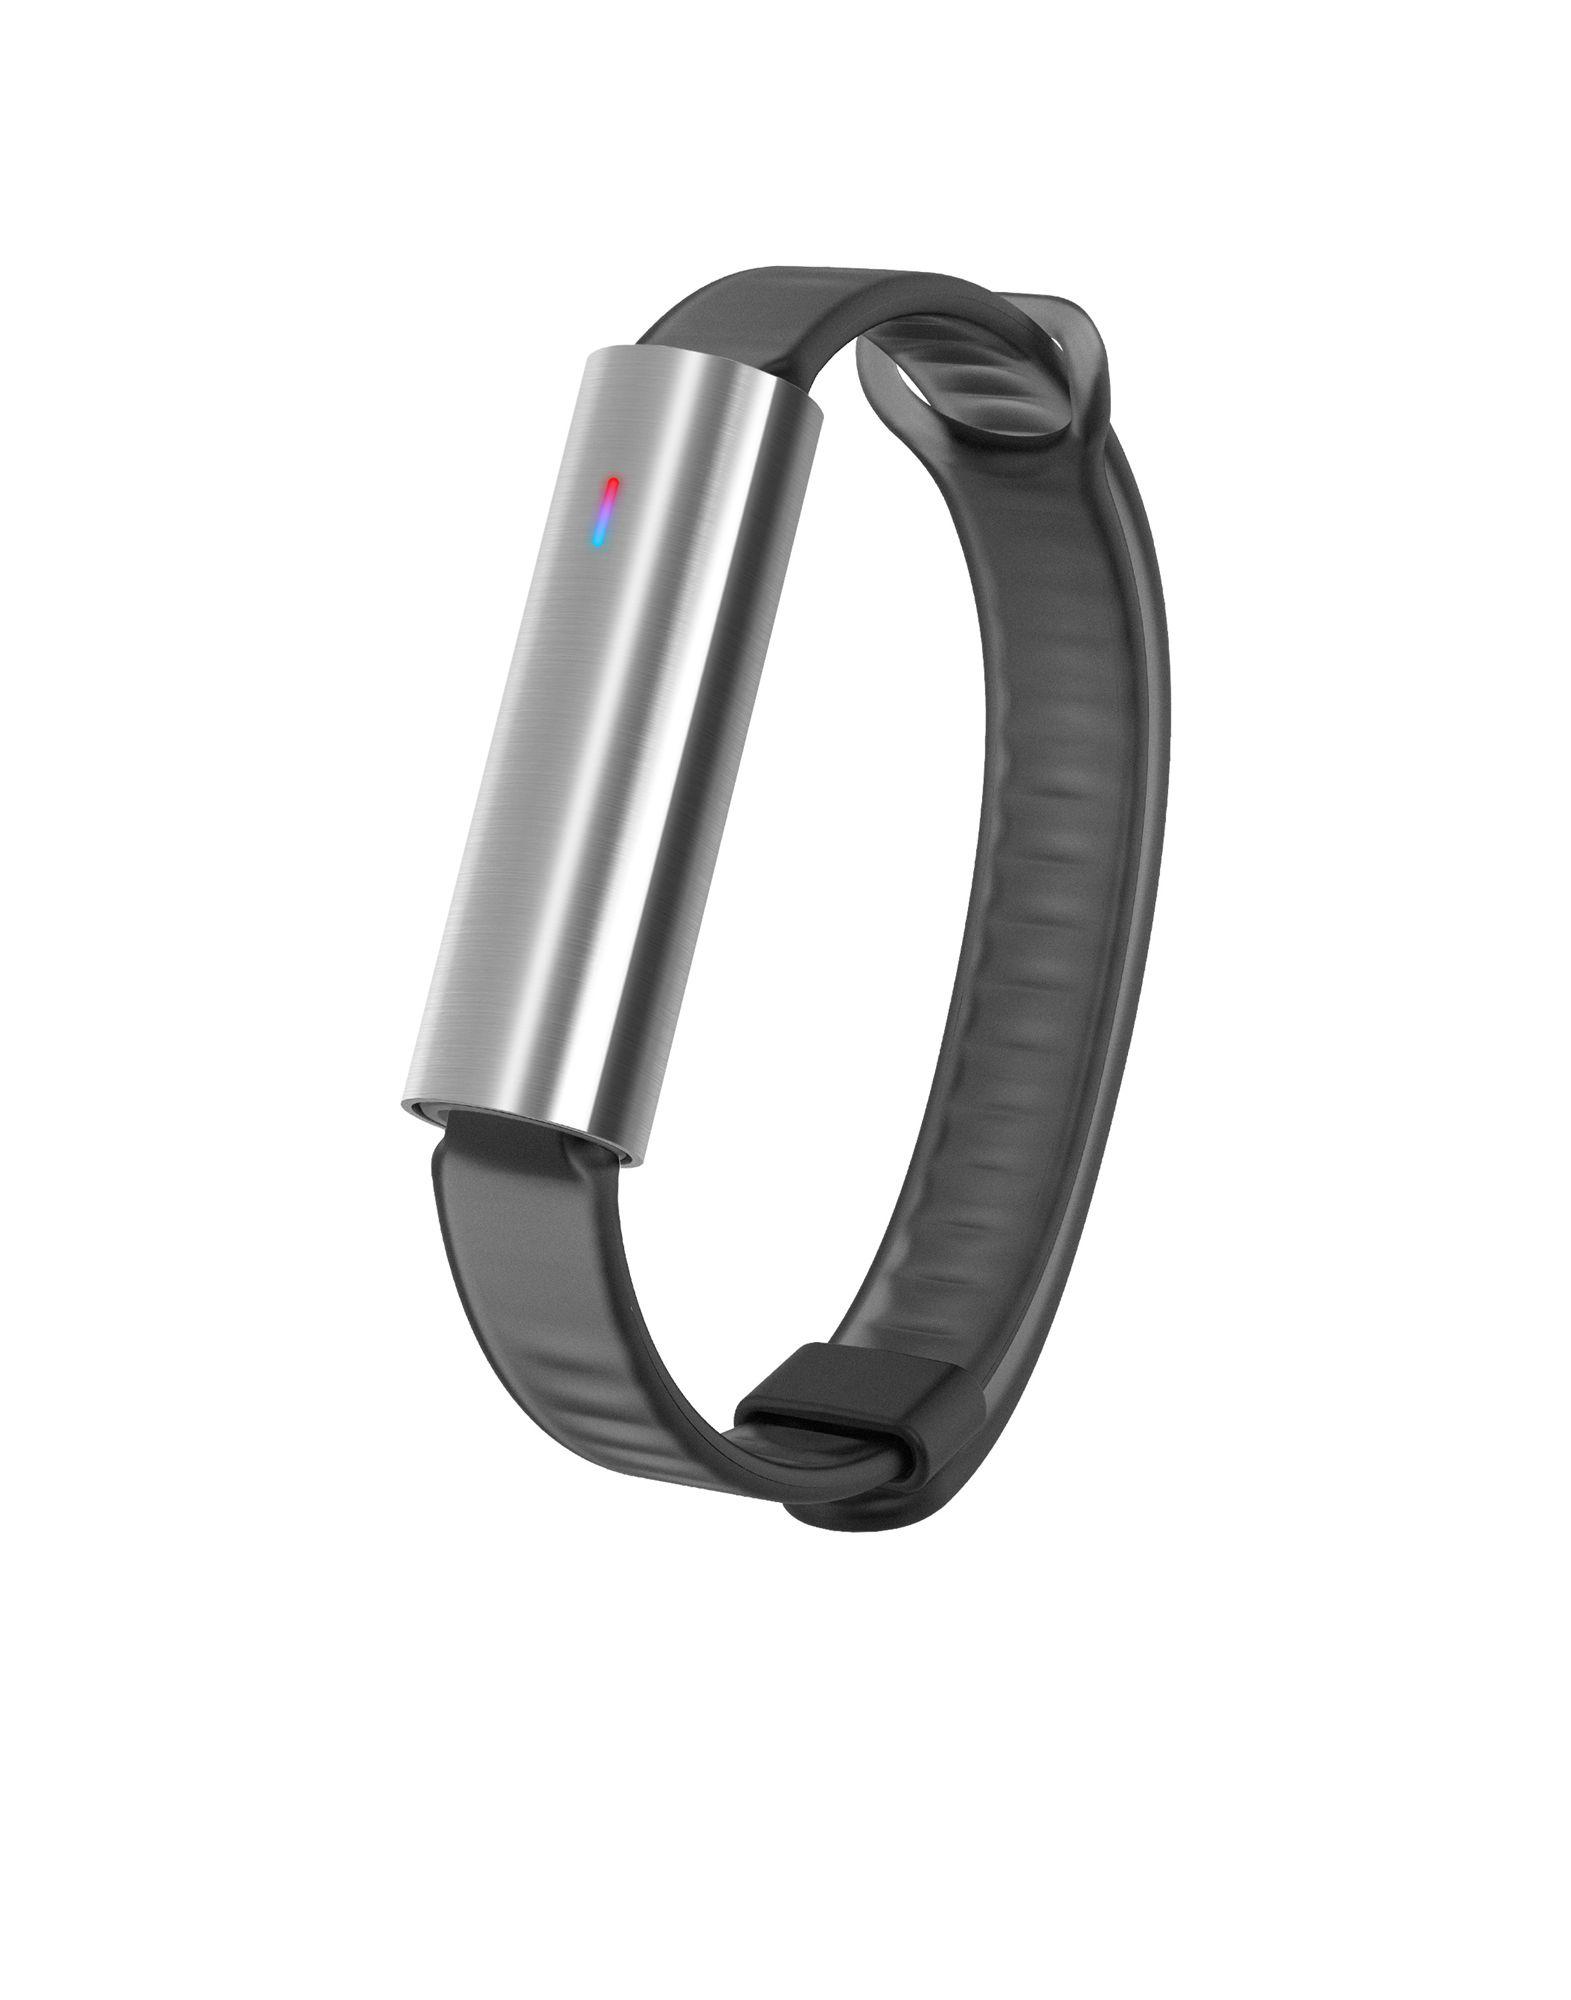 MISFIT Unisex Smartwatch Farbe Schwarz Größe 1 - broschei